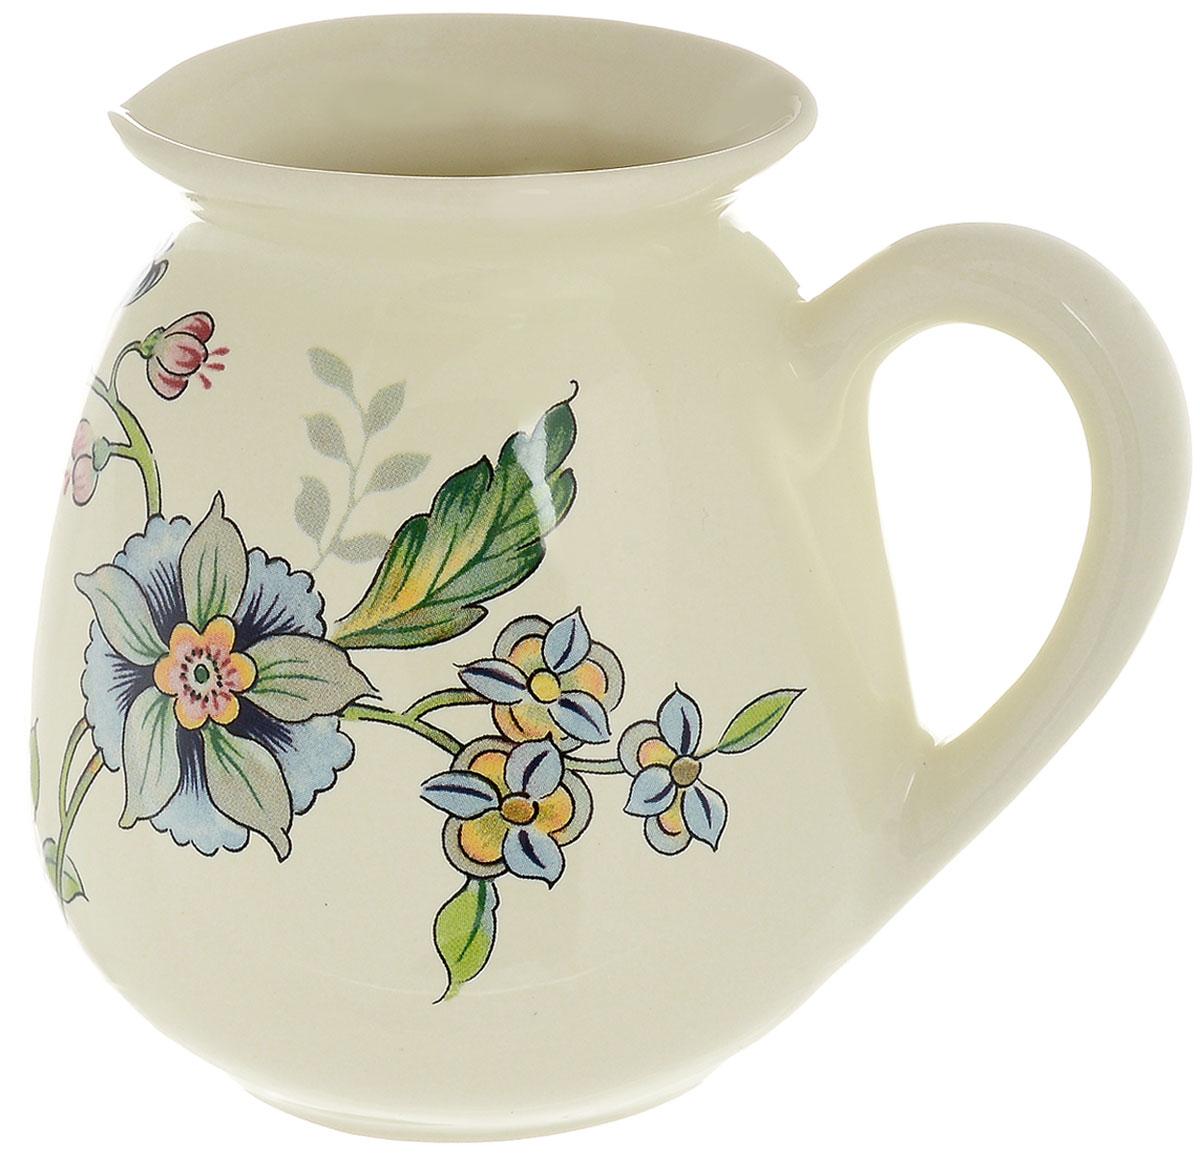 Молочник Nuova Cer Прованс, 350 млPRV-7361Молочник Nuova Cer Провансвыполнен из высококачественной керамики. Изделие станет незаменимым аксессуаром для тех, кто любит пить кофе или чай с добавлением молока.Дизайн молочника придется по вкусу и ценителям классики, и тем, кто предпочитает утонченность и изысканность. Также молочник послужит приятным и практичным подарком. Изделие нельзя мыть в посудомоечной машине.Диаметр молочника по верхнему краю: 7 см.Высота молочника: 11 см.